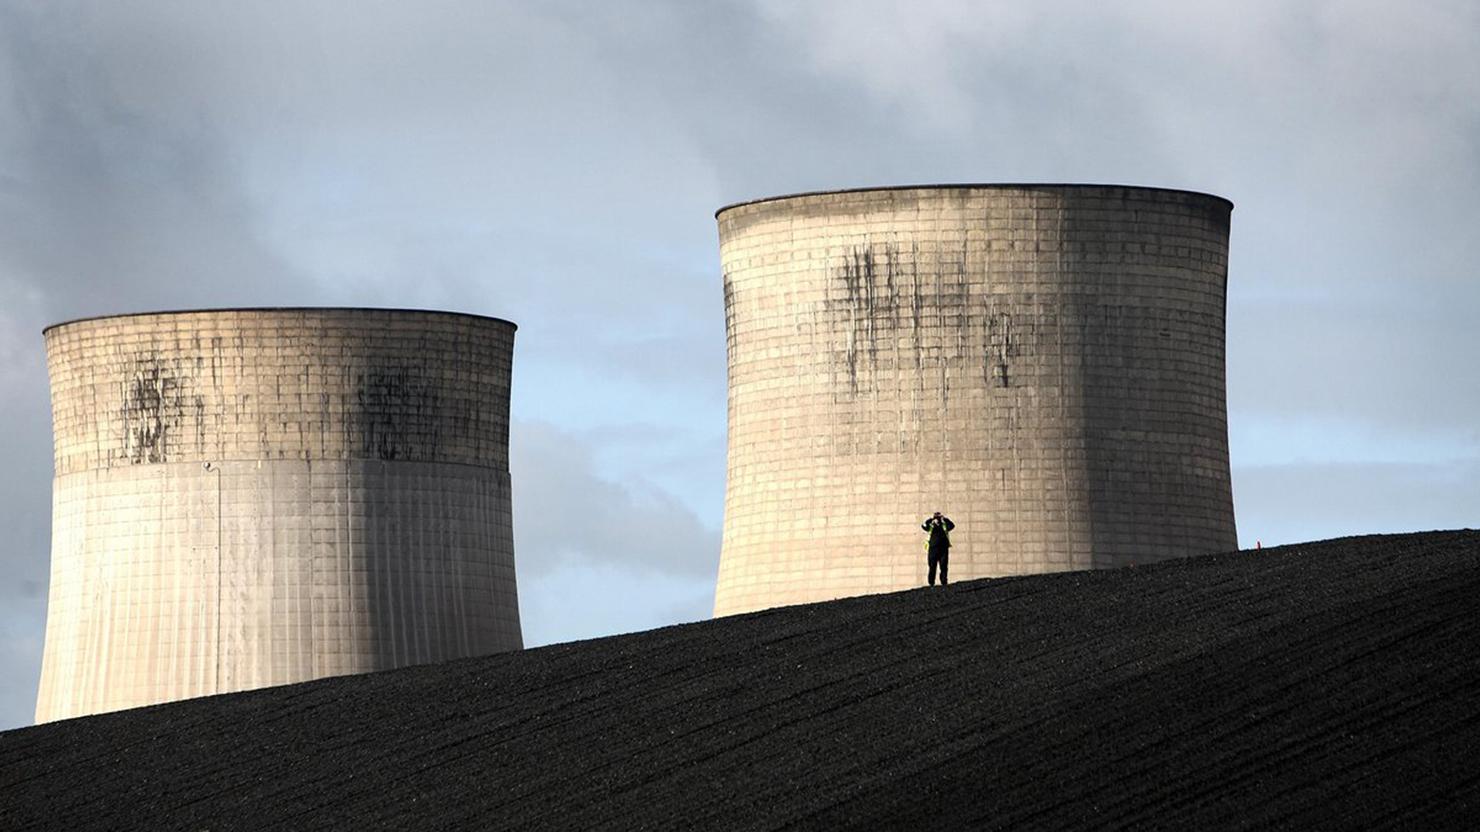 โรงไฟฟ้าถ่านหินโรงสุดท้ายในอังกฤษ